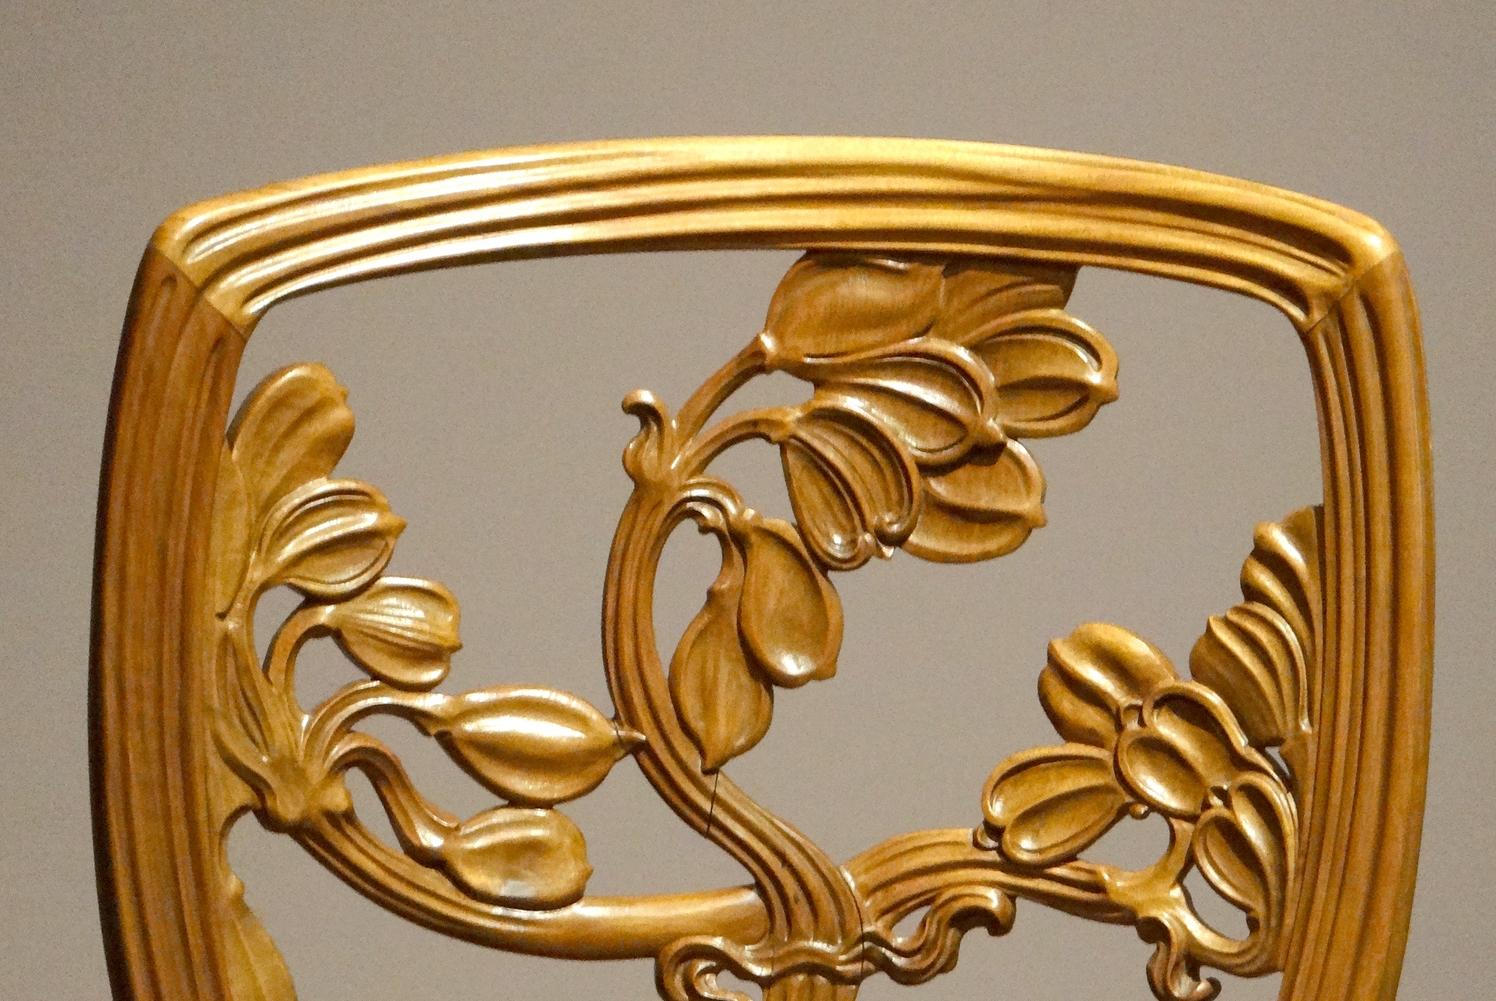 Chaise Style Art Nouveau file:chaise art nouveau (musée des arts décoratifs